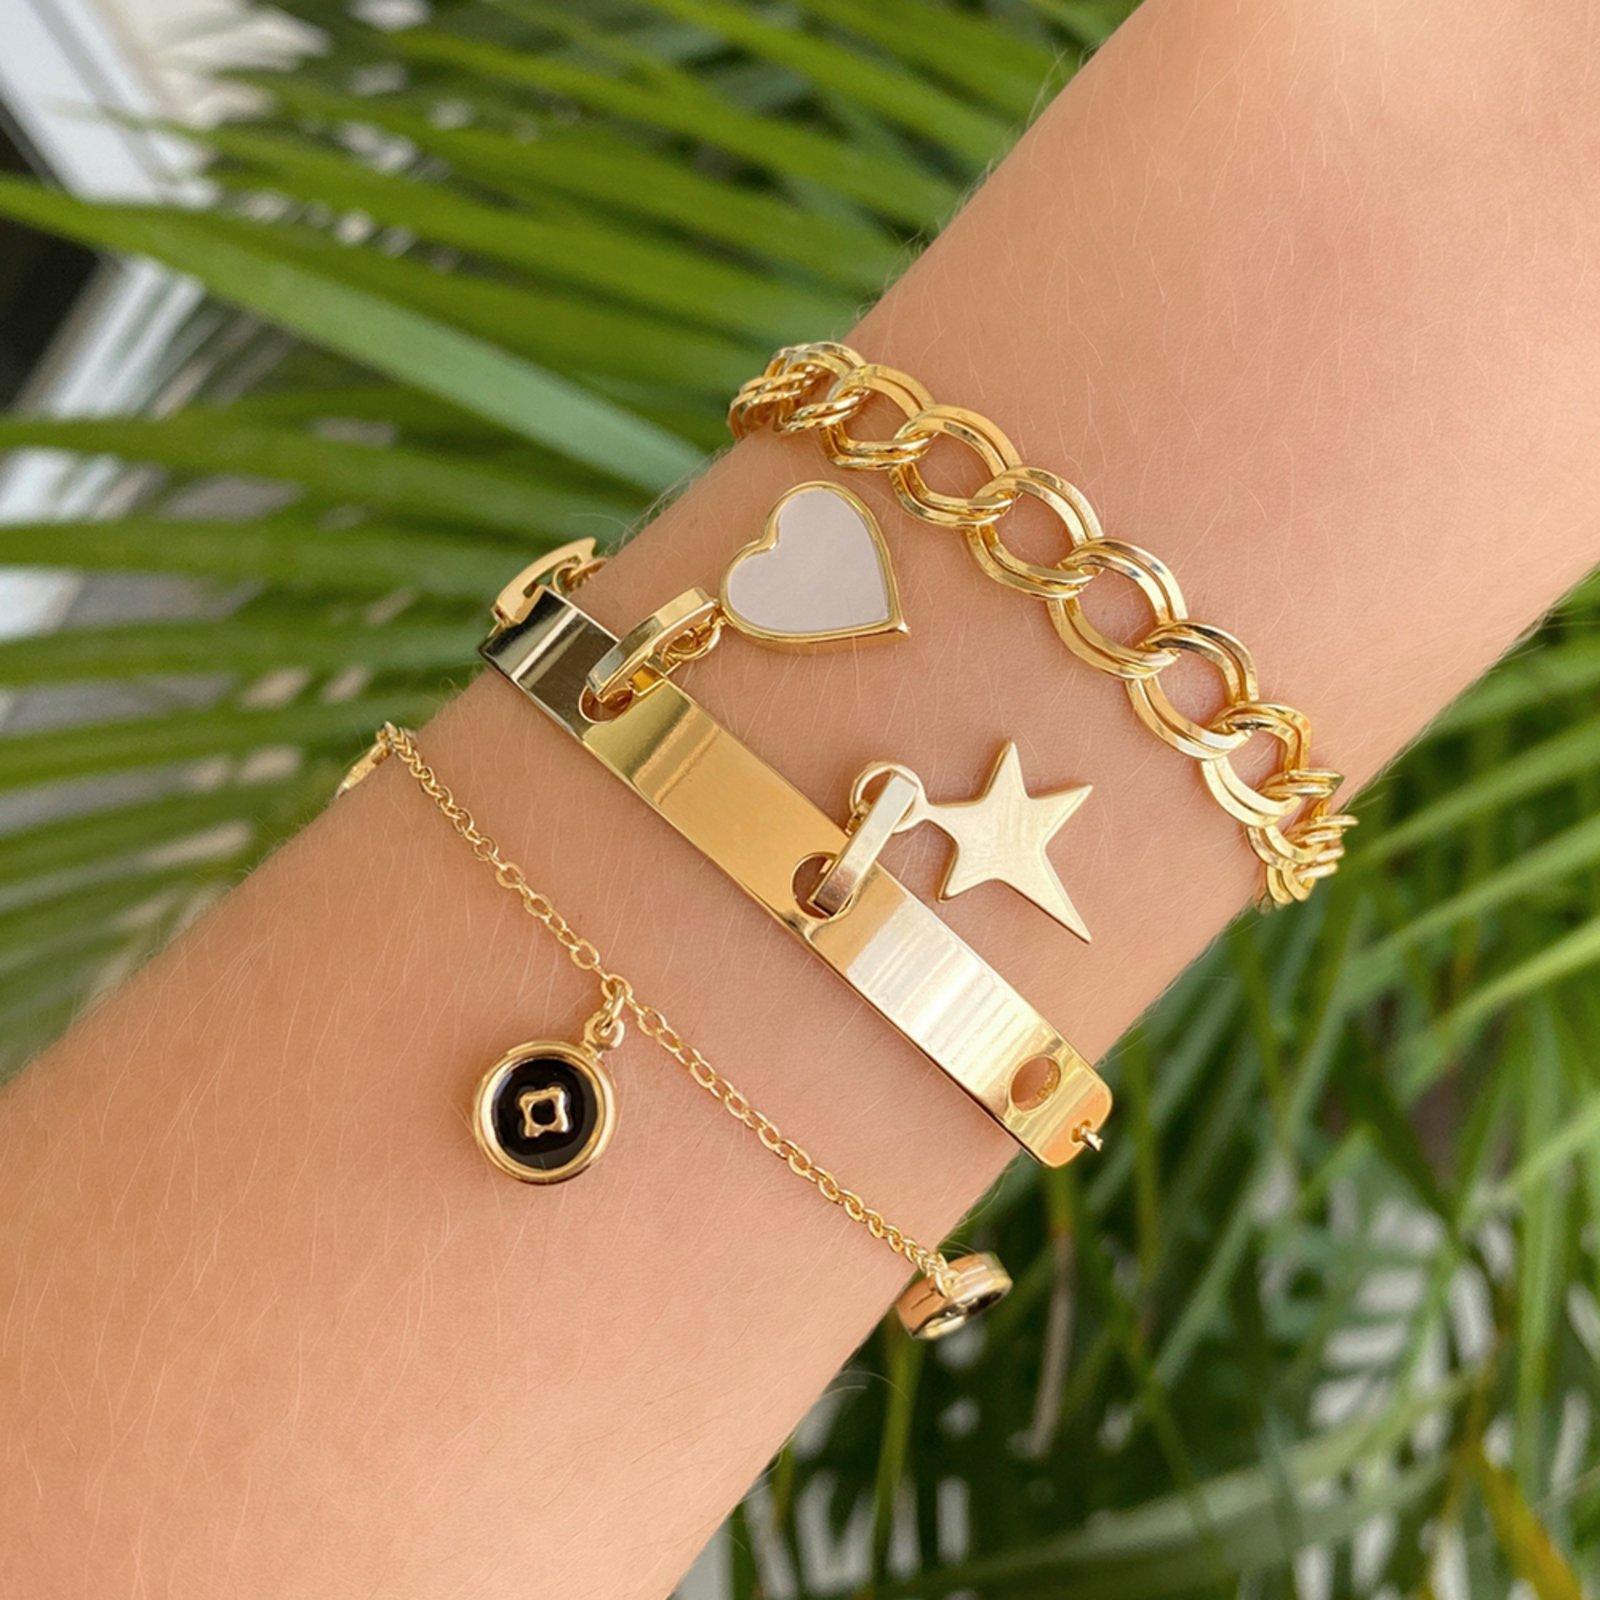 Bracelete Espelhado Réplica Pingentes Removíveis - Marca Lua Mia Joias